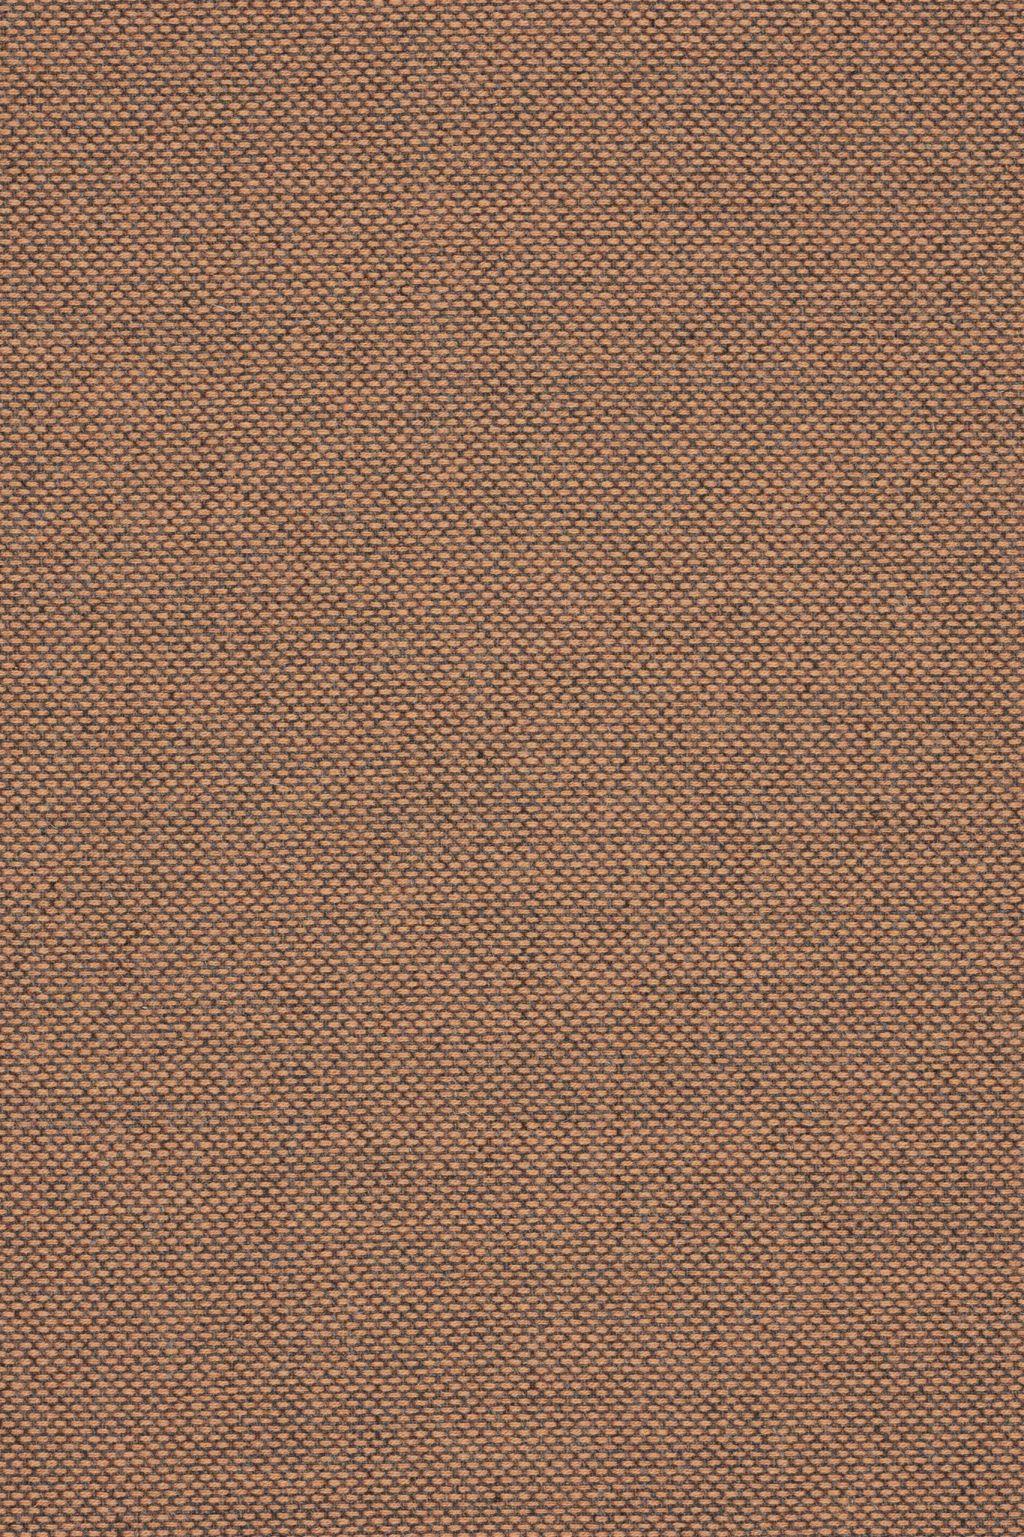 Re-wool 1291